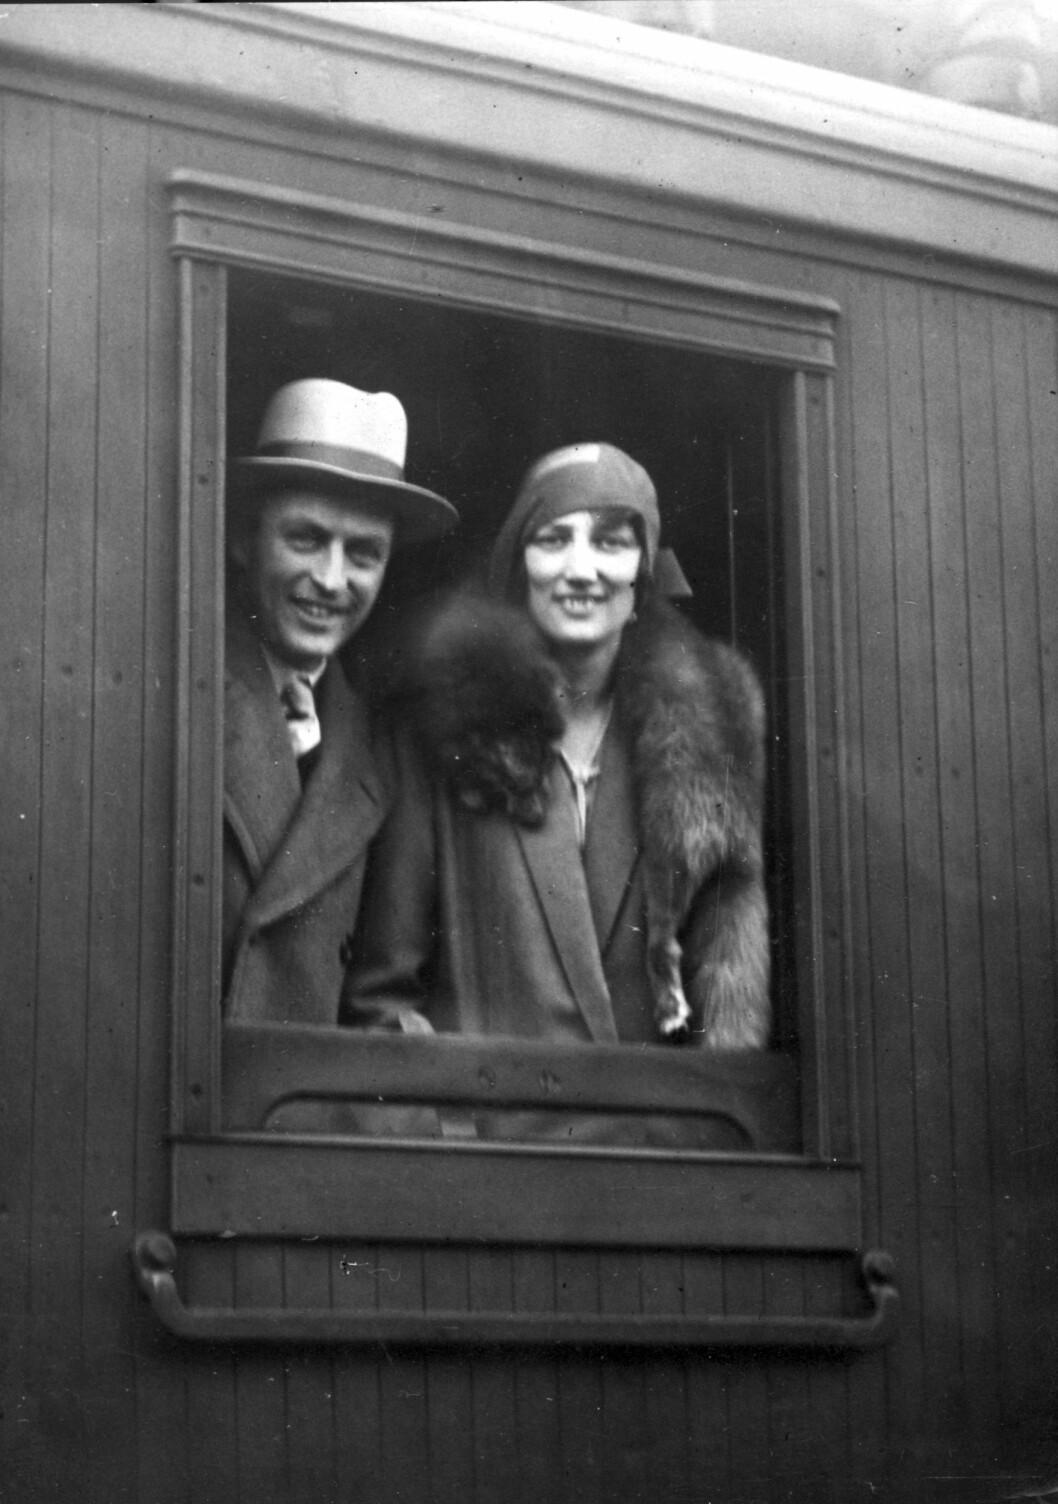 PÅ BRYLLUPSREISE: Kronprins Olav og kronprinsesse Märtha vinker farvel fra togvinduet på Østbanestasjonen før de la ut på sin seks uker lange bryllupsreise. Turen gikk gjennom Europa - med bil. Året er 1929. Foto: NTB Scanpix